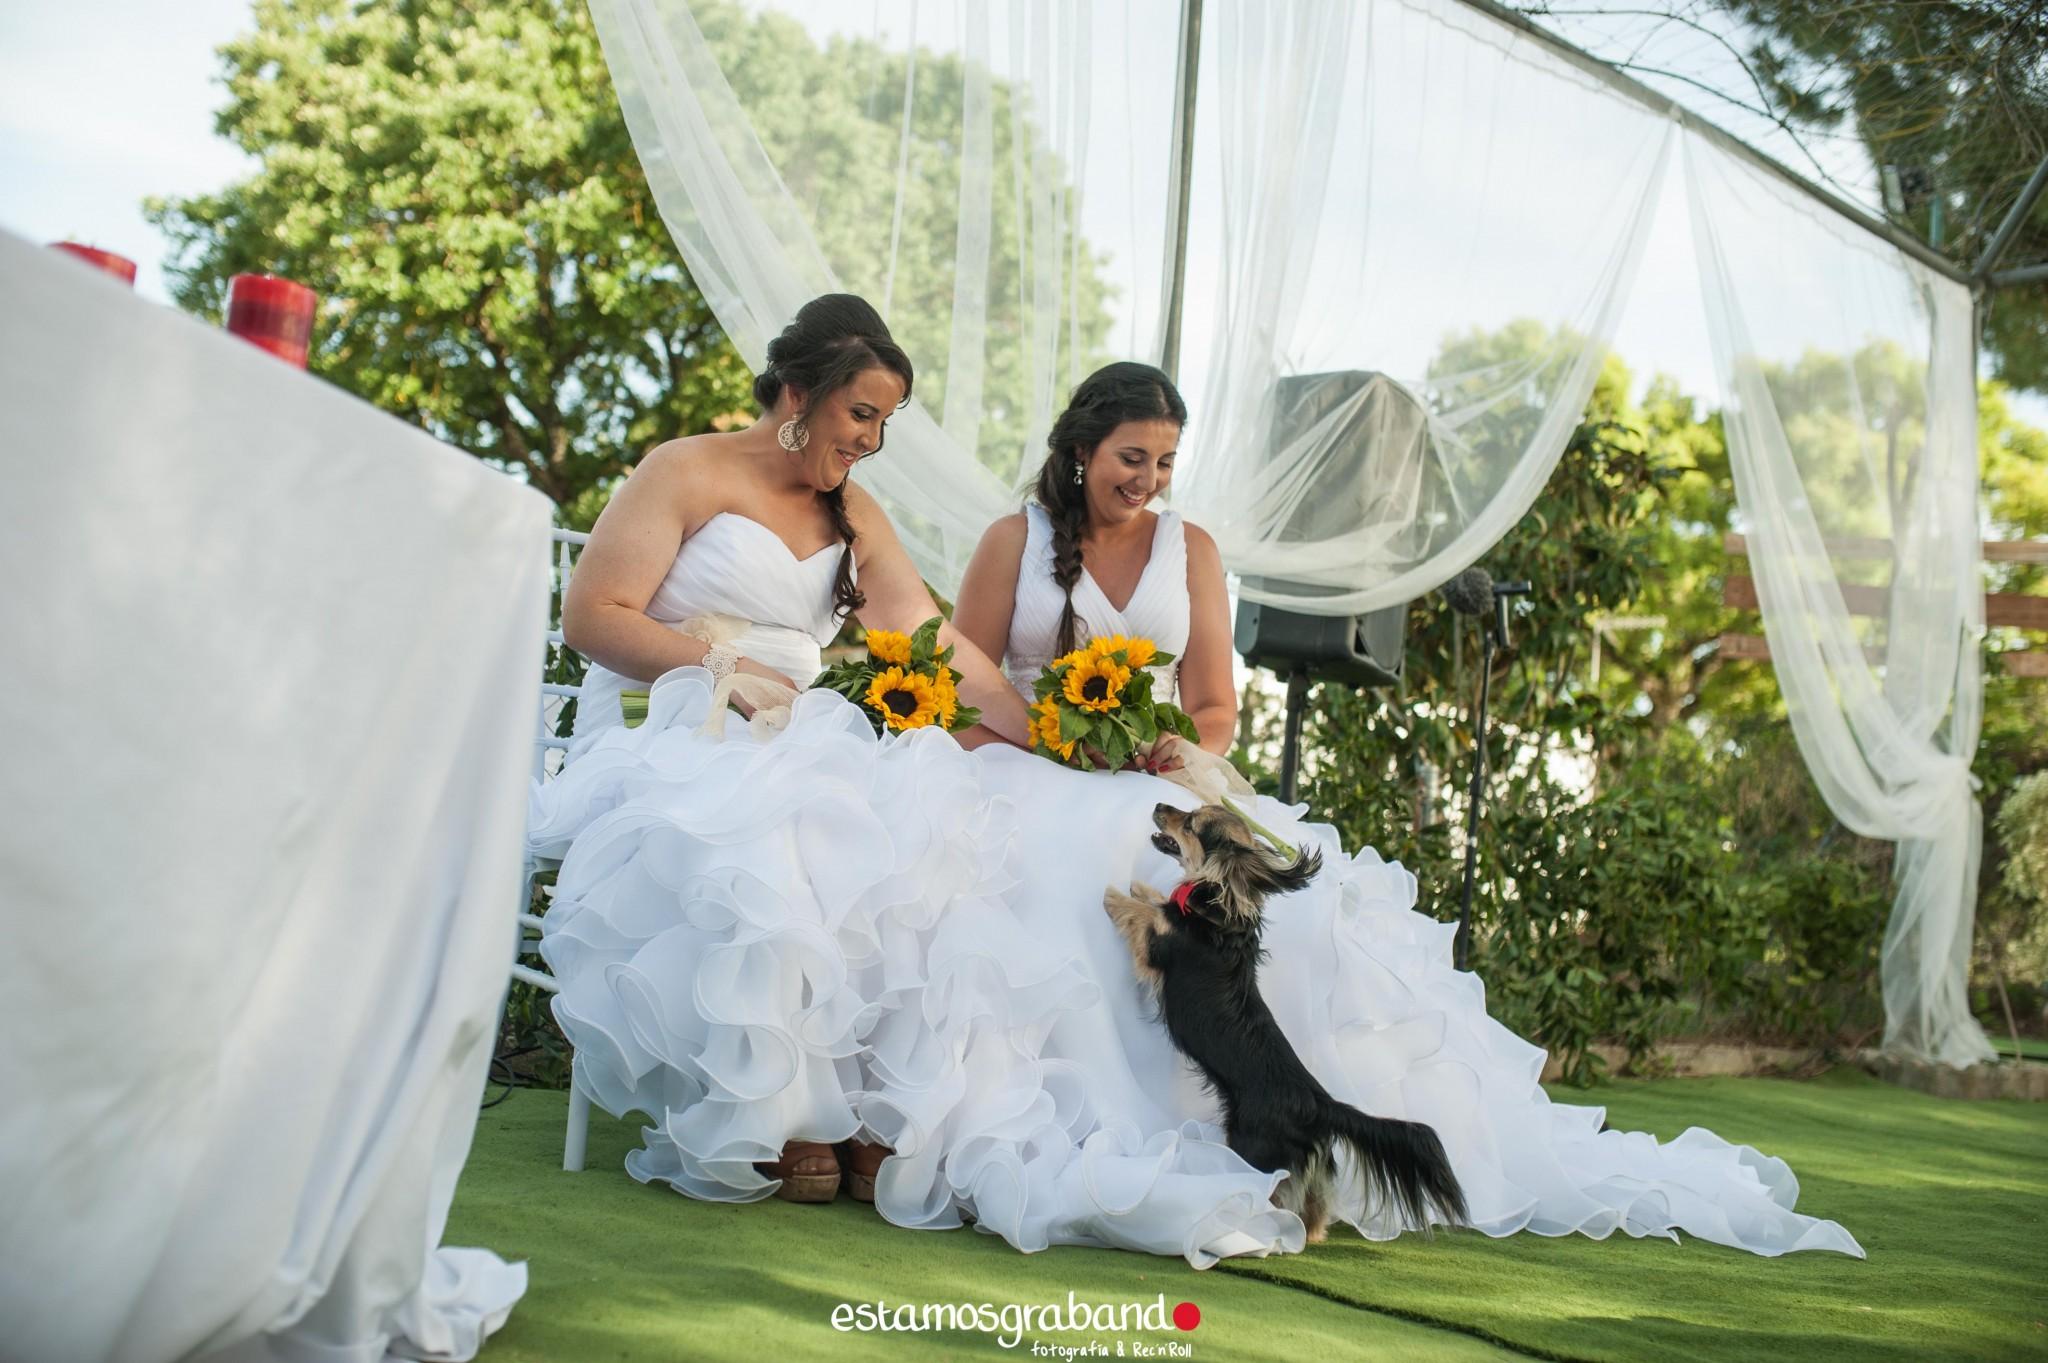 Cris-Rebeca-27 Fotografía de Boda, Rebeca & Cristina - video boda cadiz